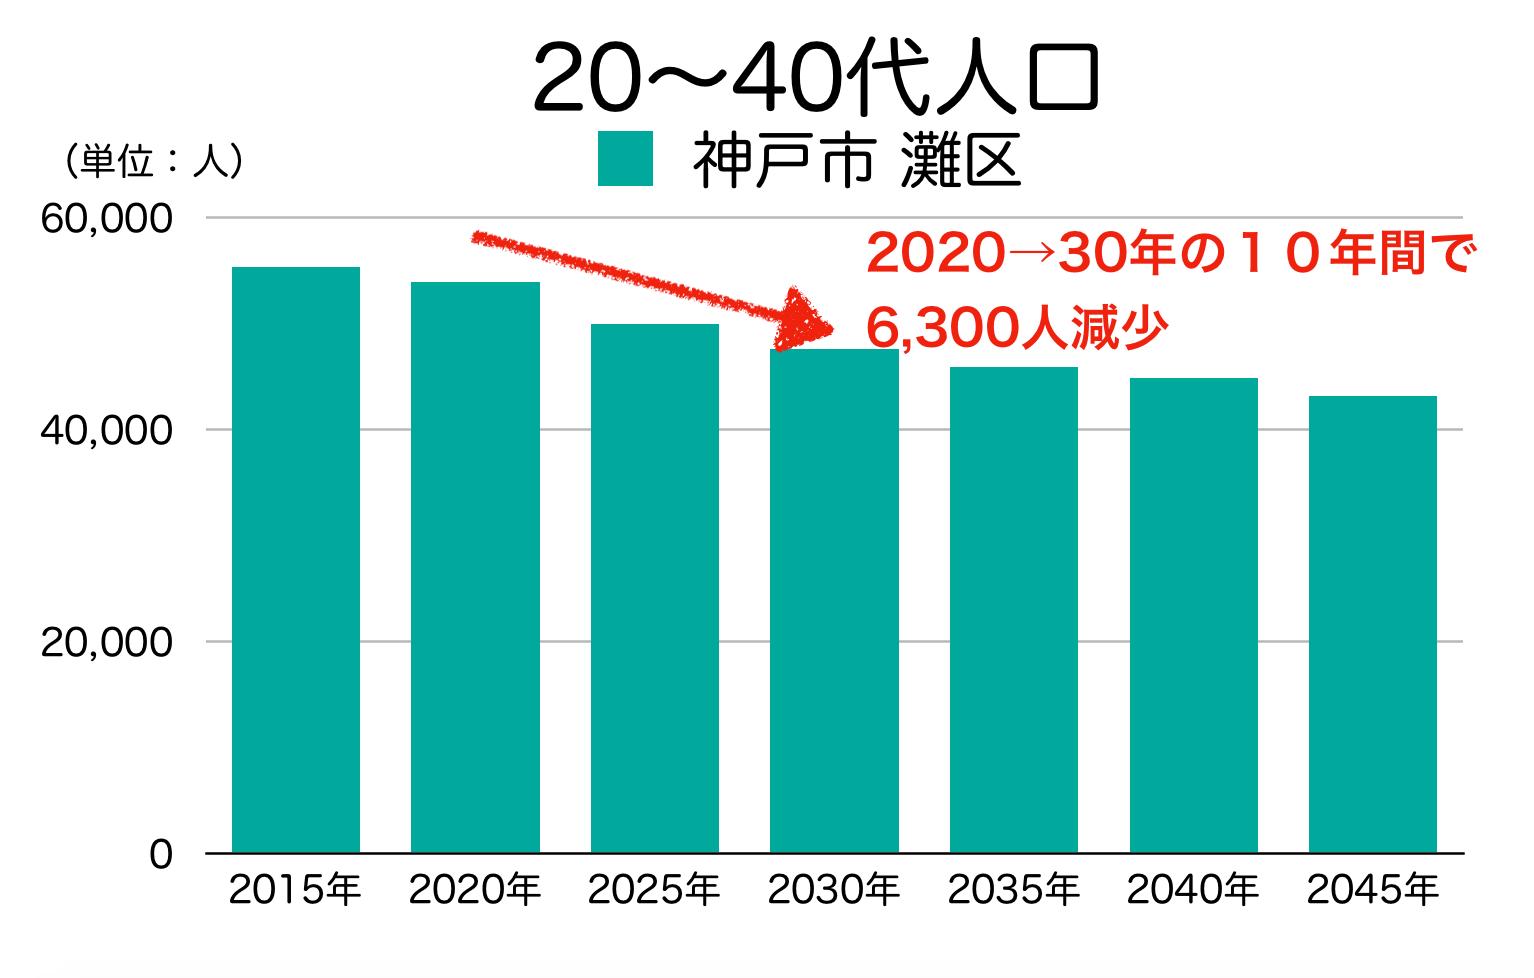 神戸市灘区の20〜40代人口の予測